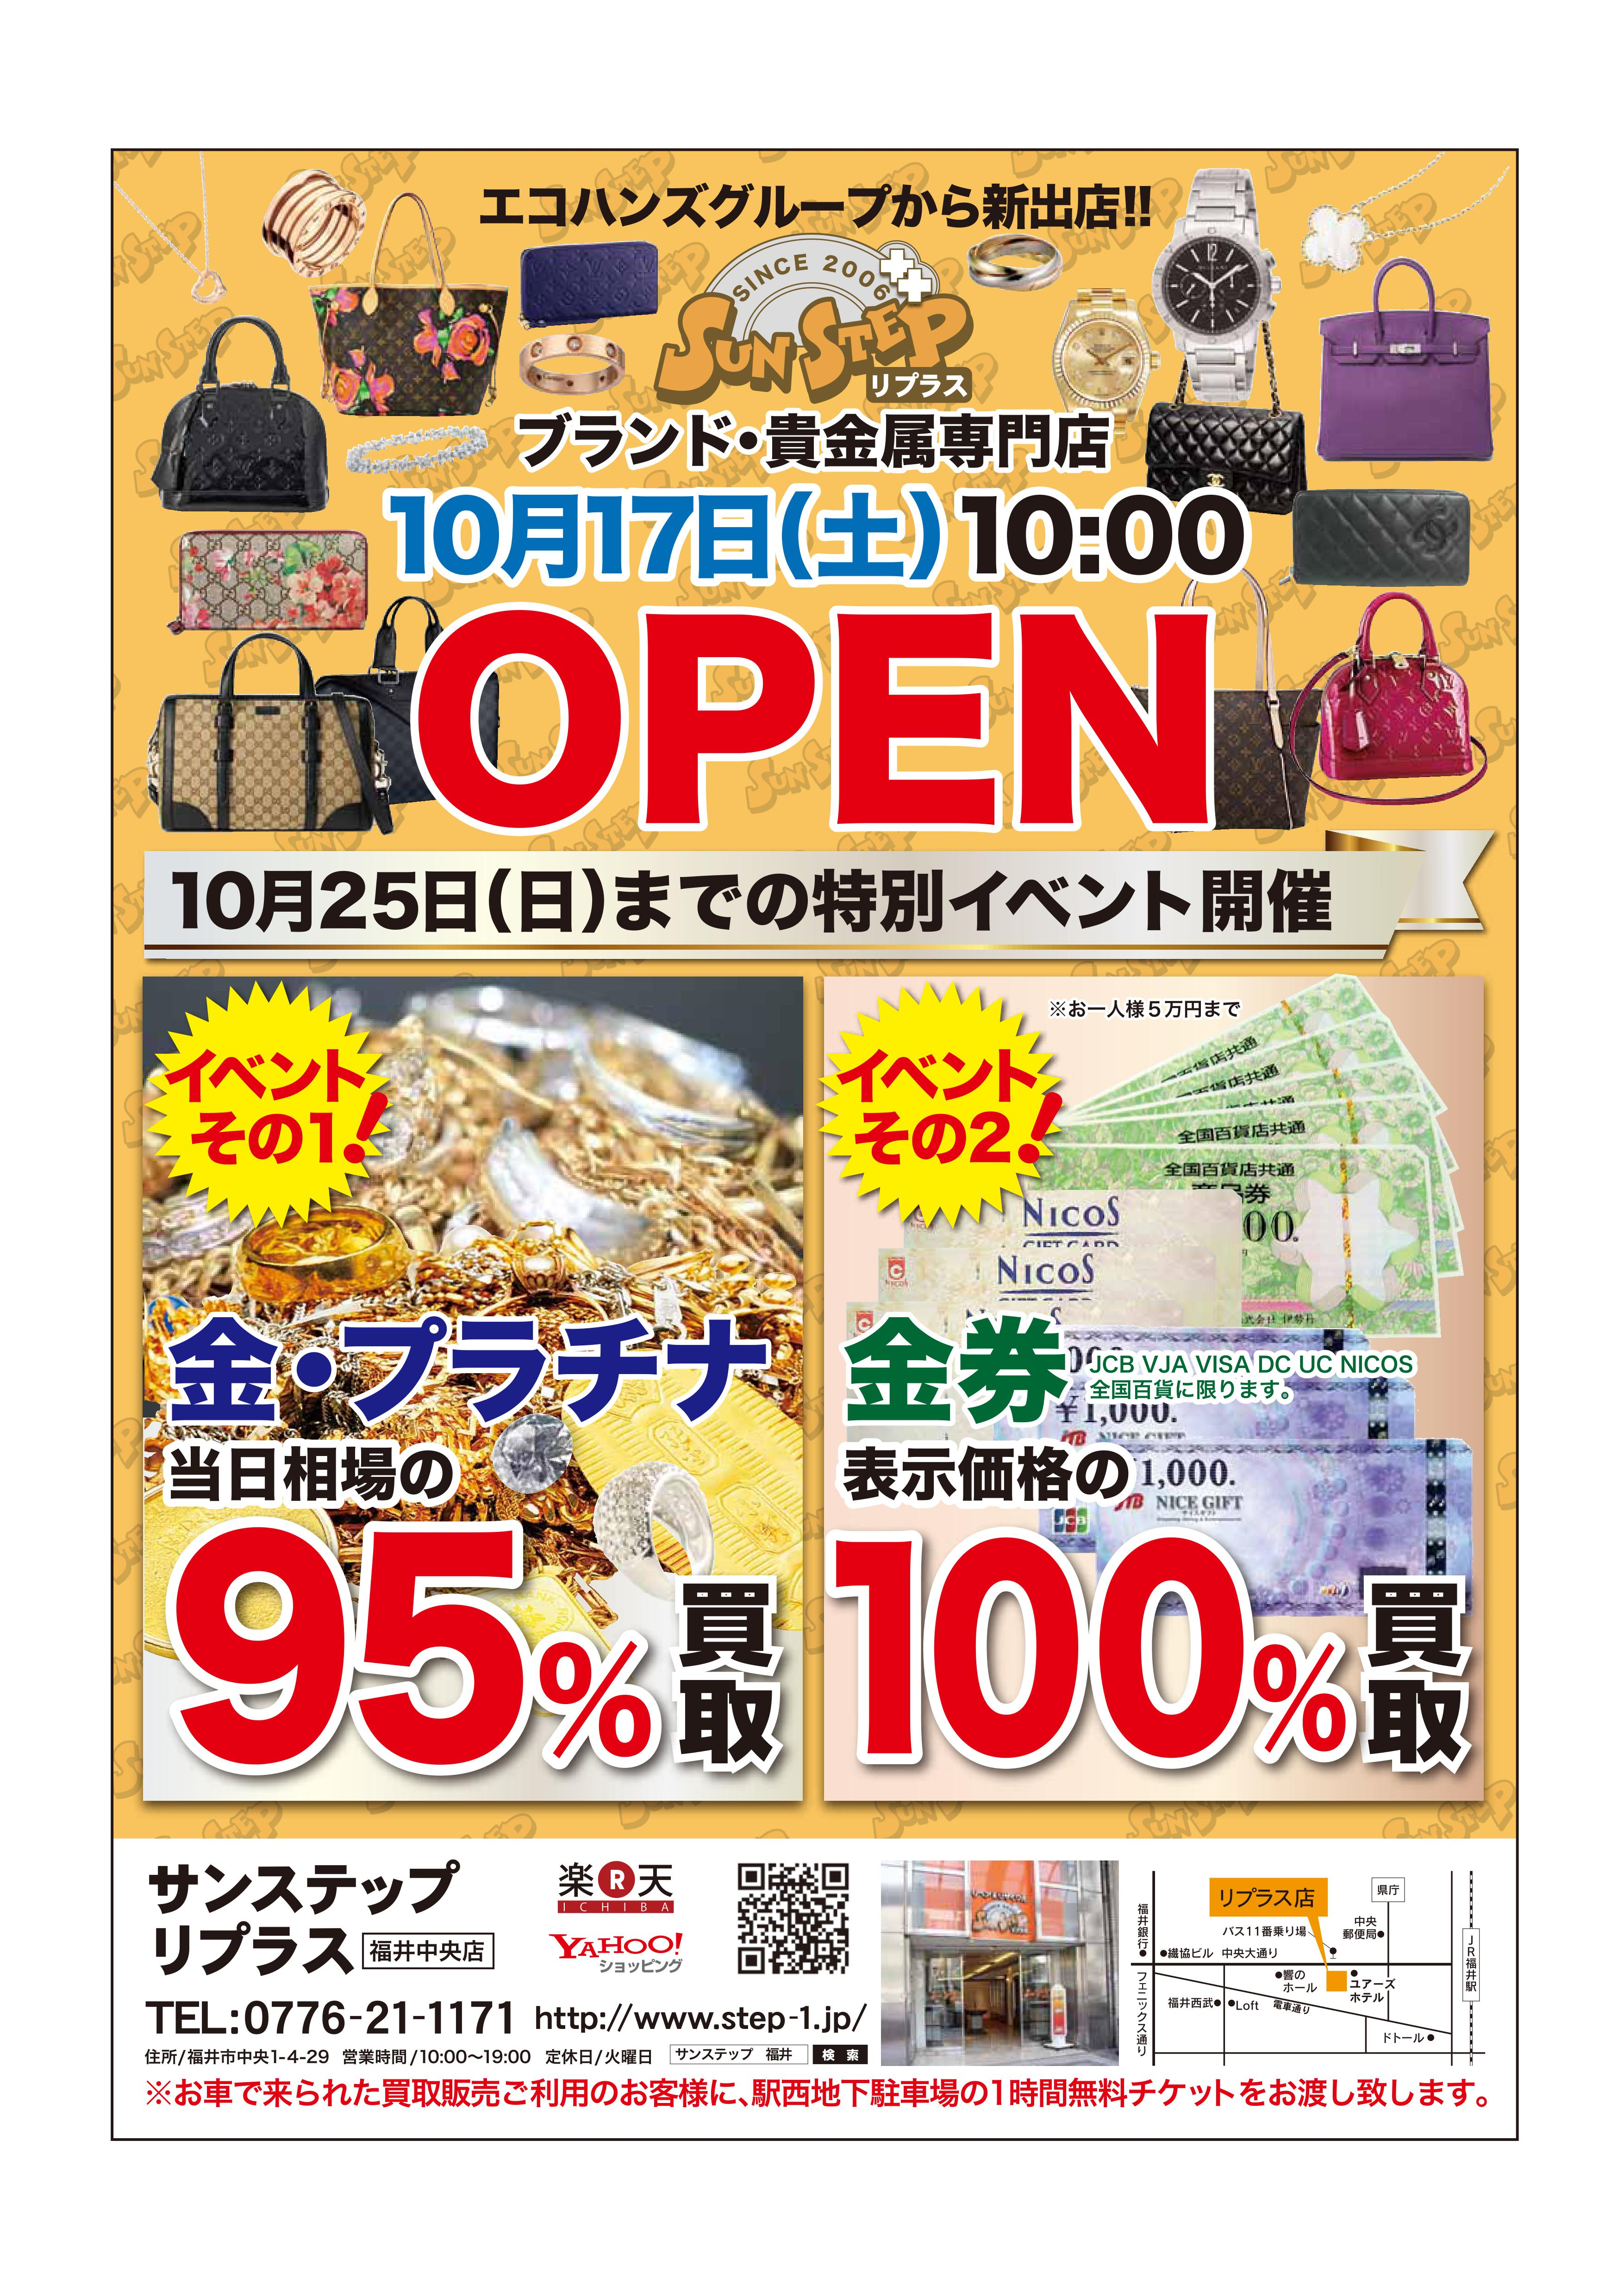 10/17日 サンステップ リプラス店 オープン!!